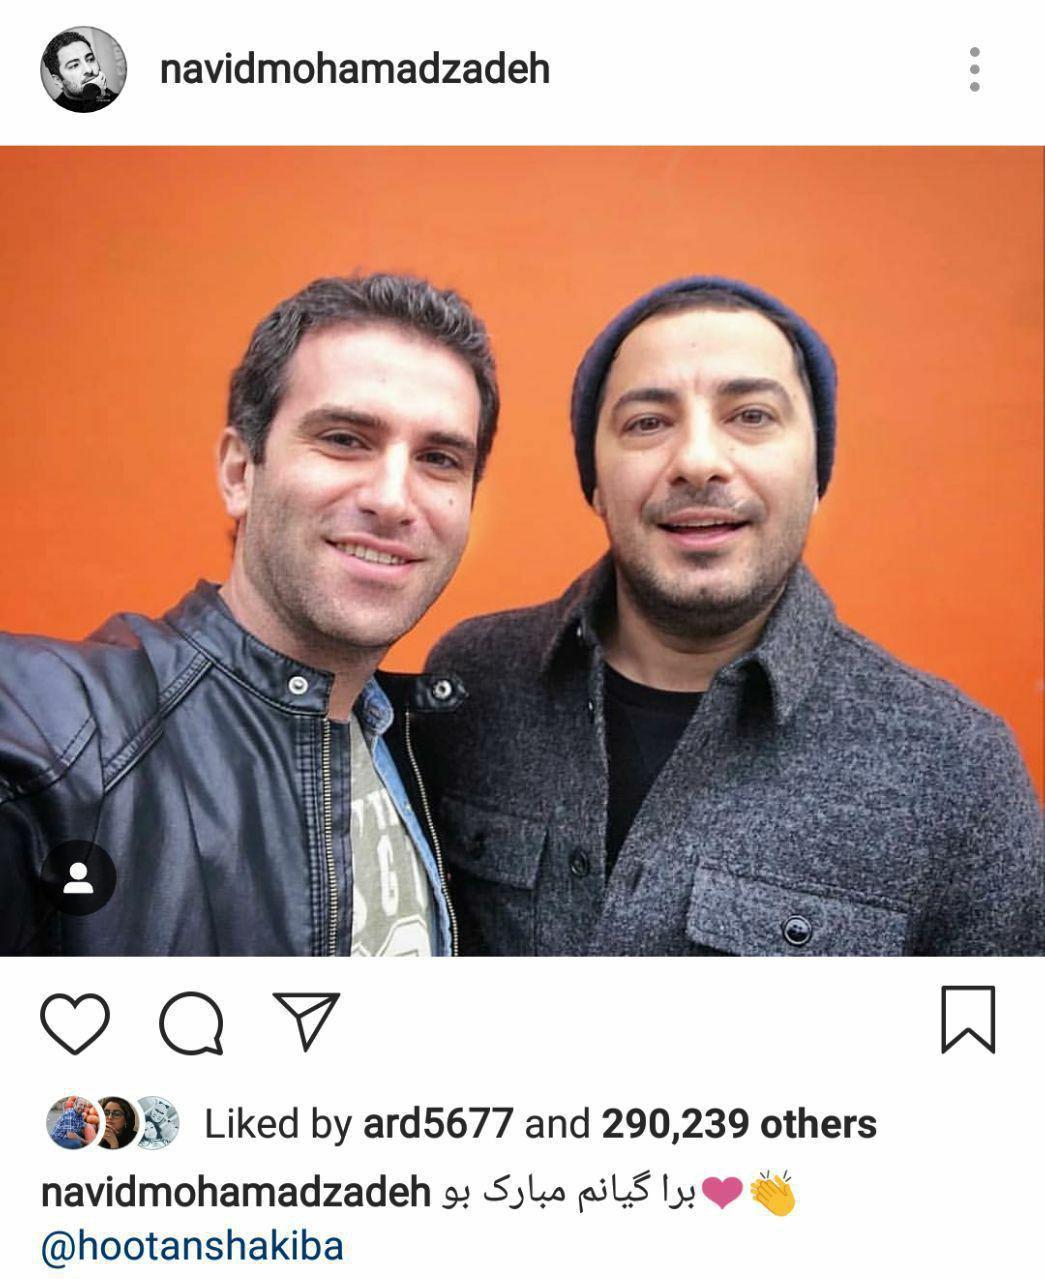 تبریک نوید محمدزاده به هوتن شکیبا به زبان کردی